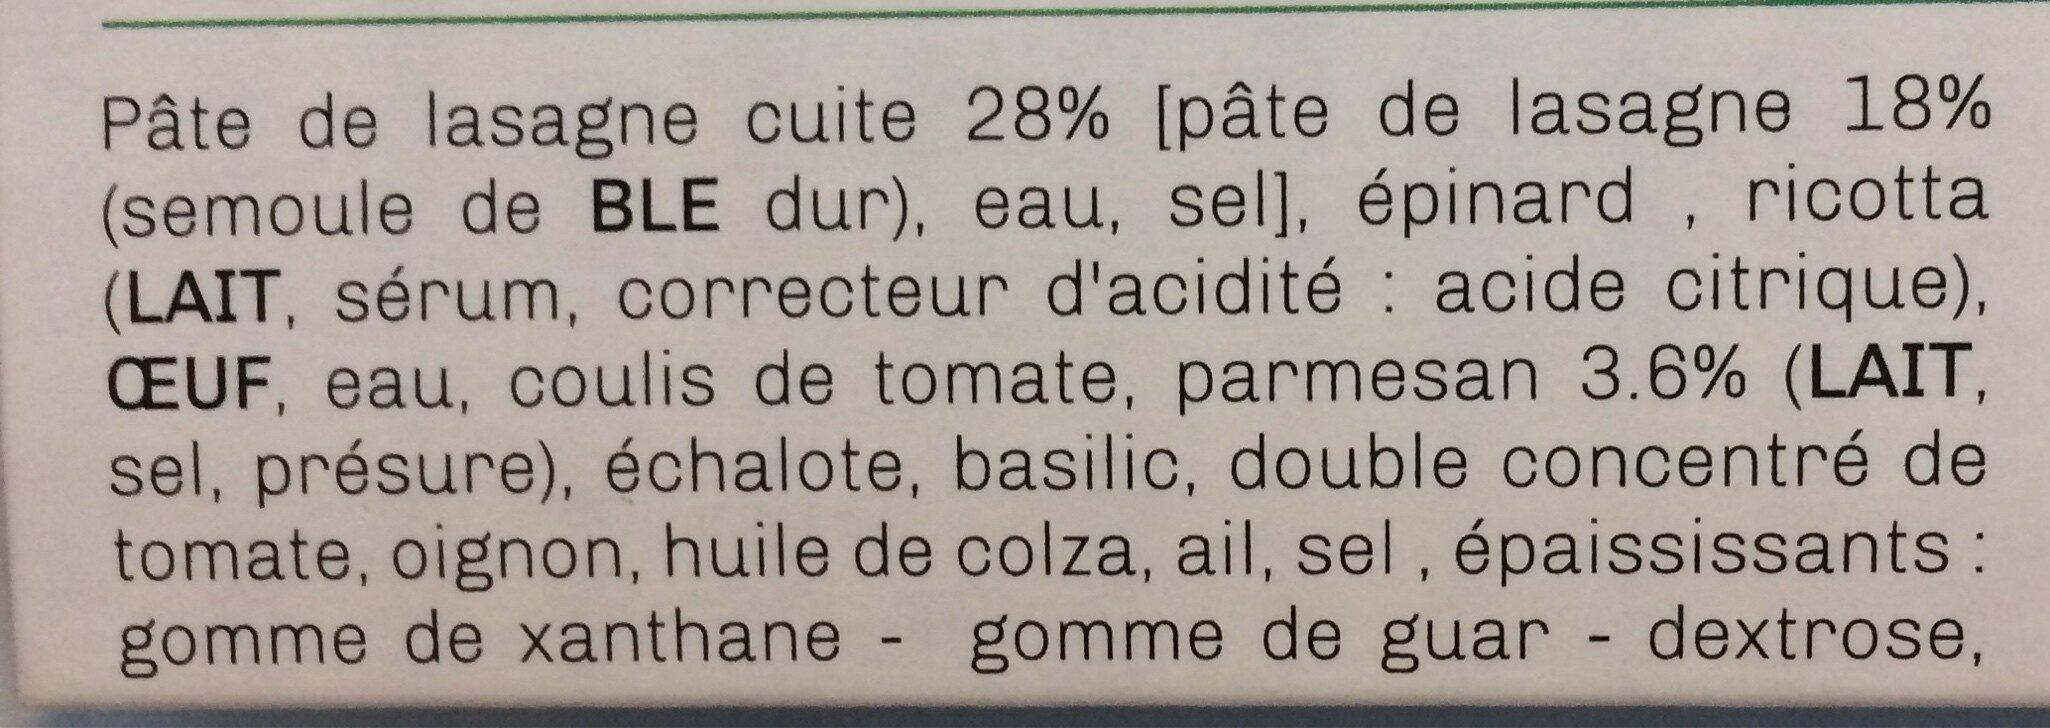 Lasagnes végétariennes - Ingrédients - fr